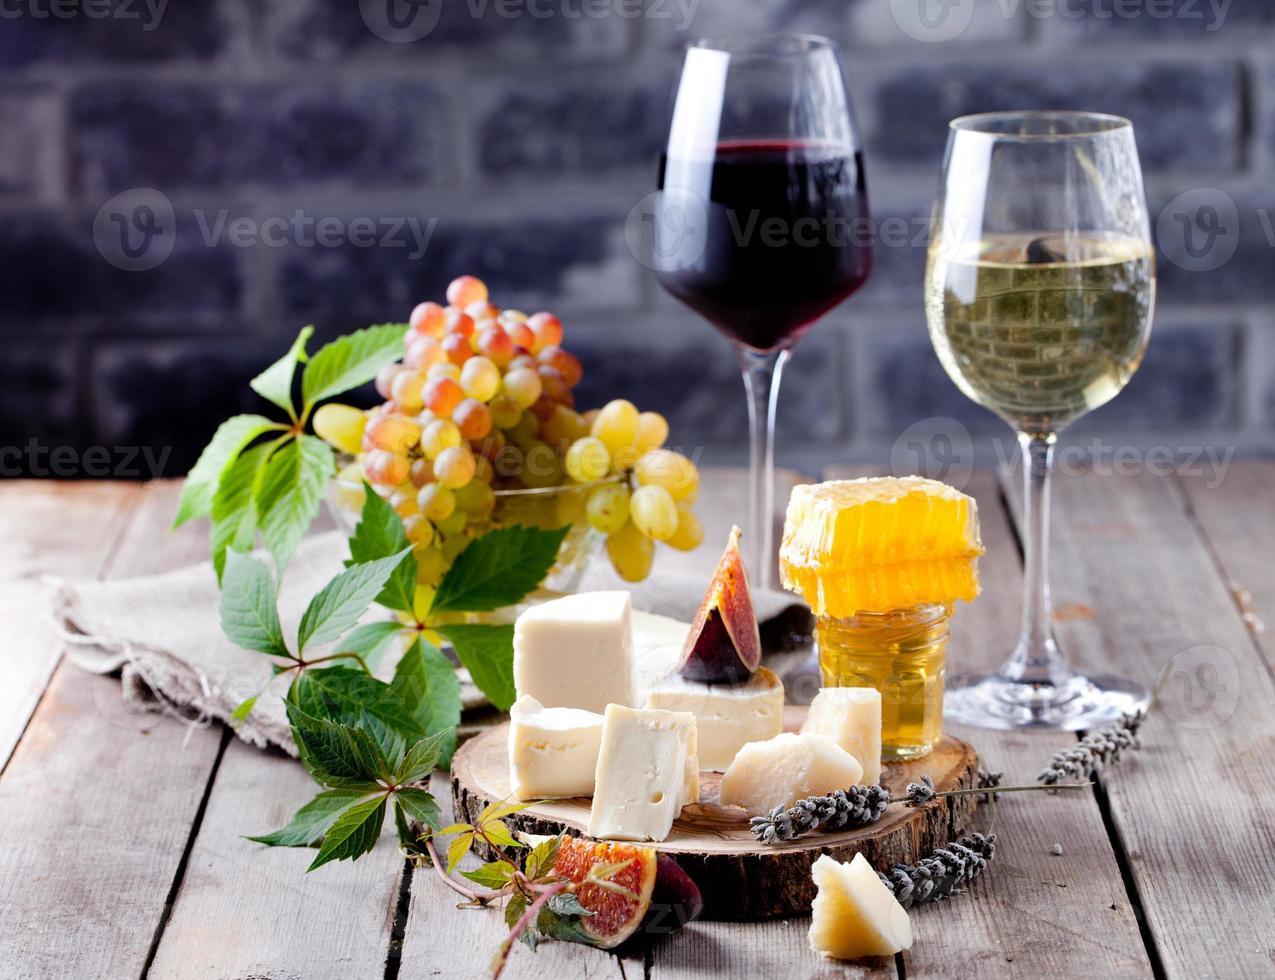 prato de queijo com mel, uva, vinho em taças foto